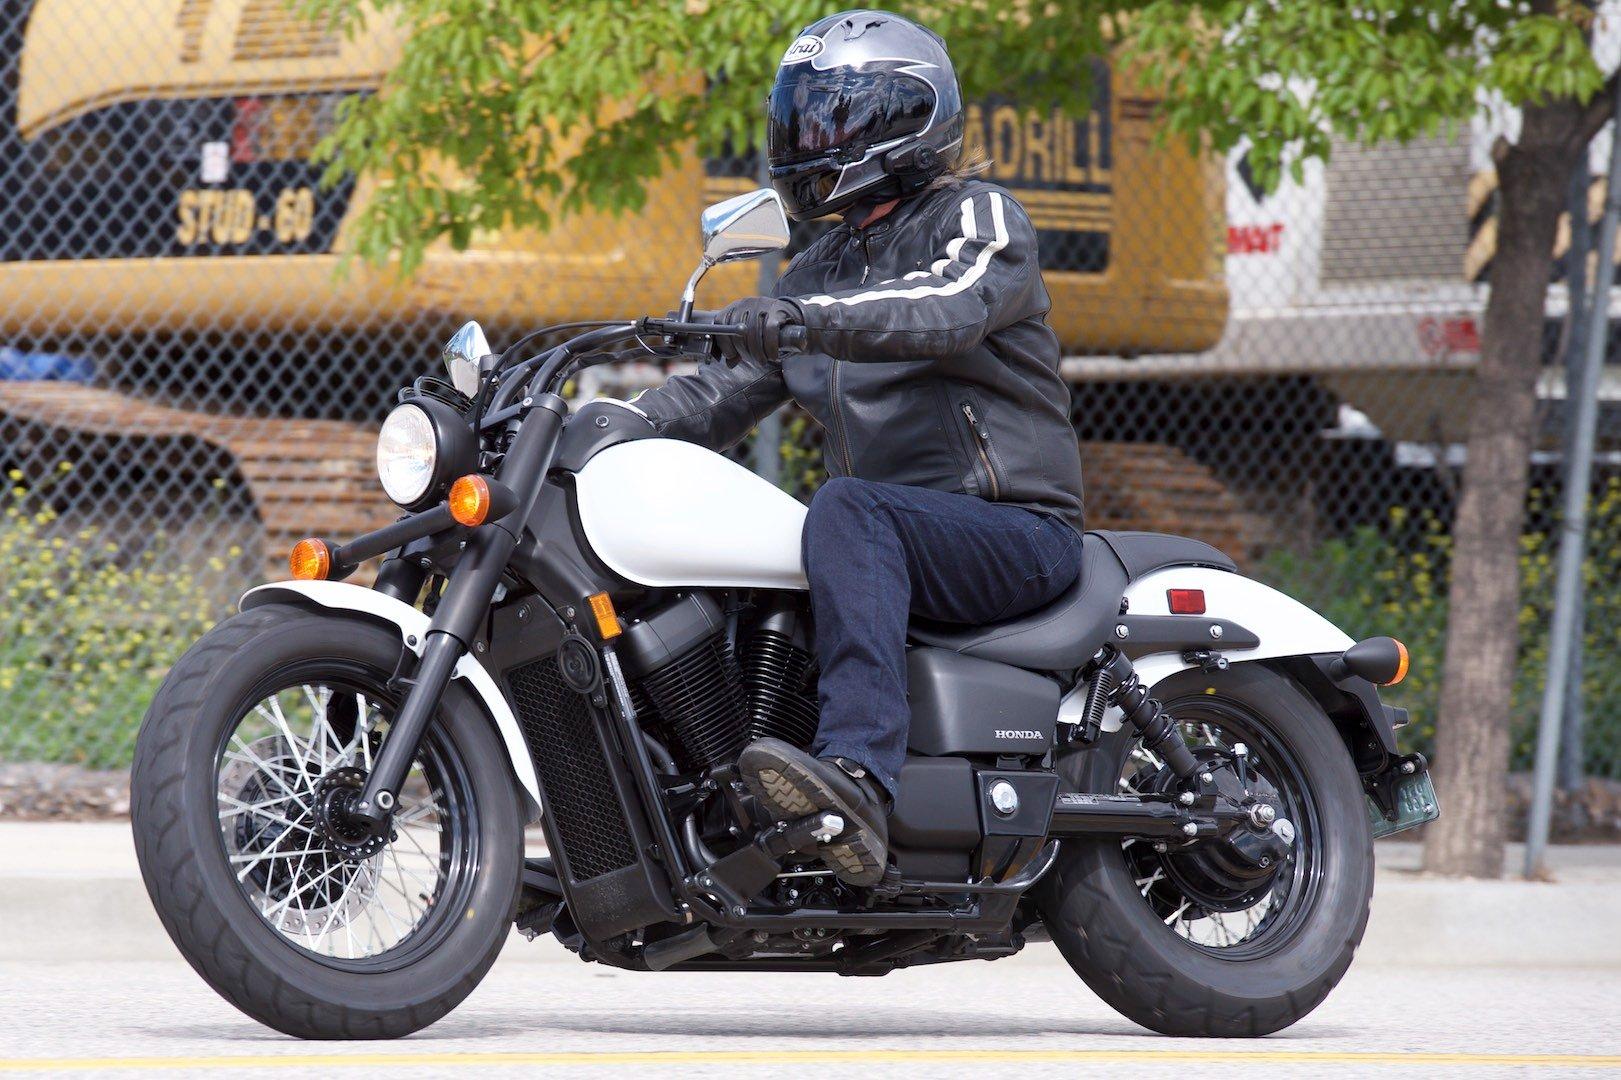 2019 Honda Shadow Phantom